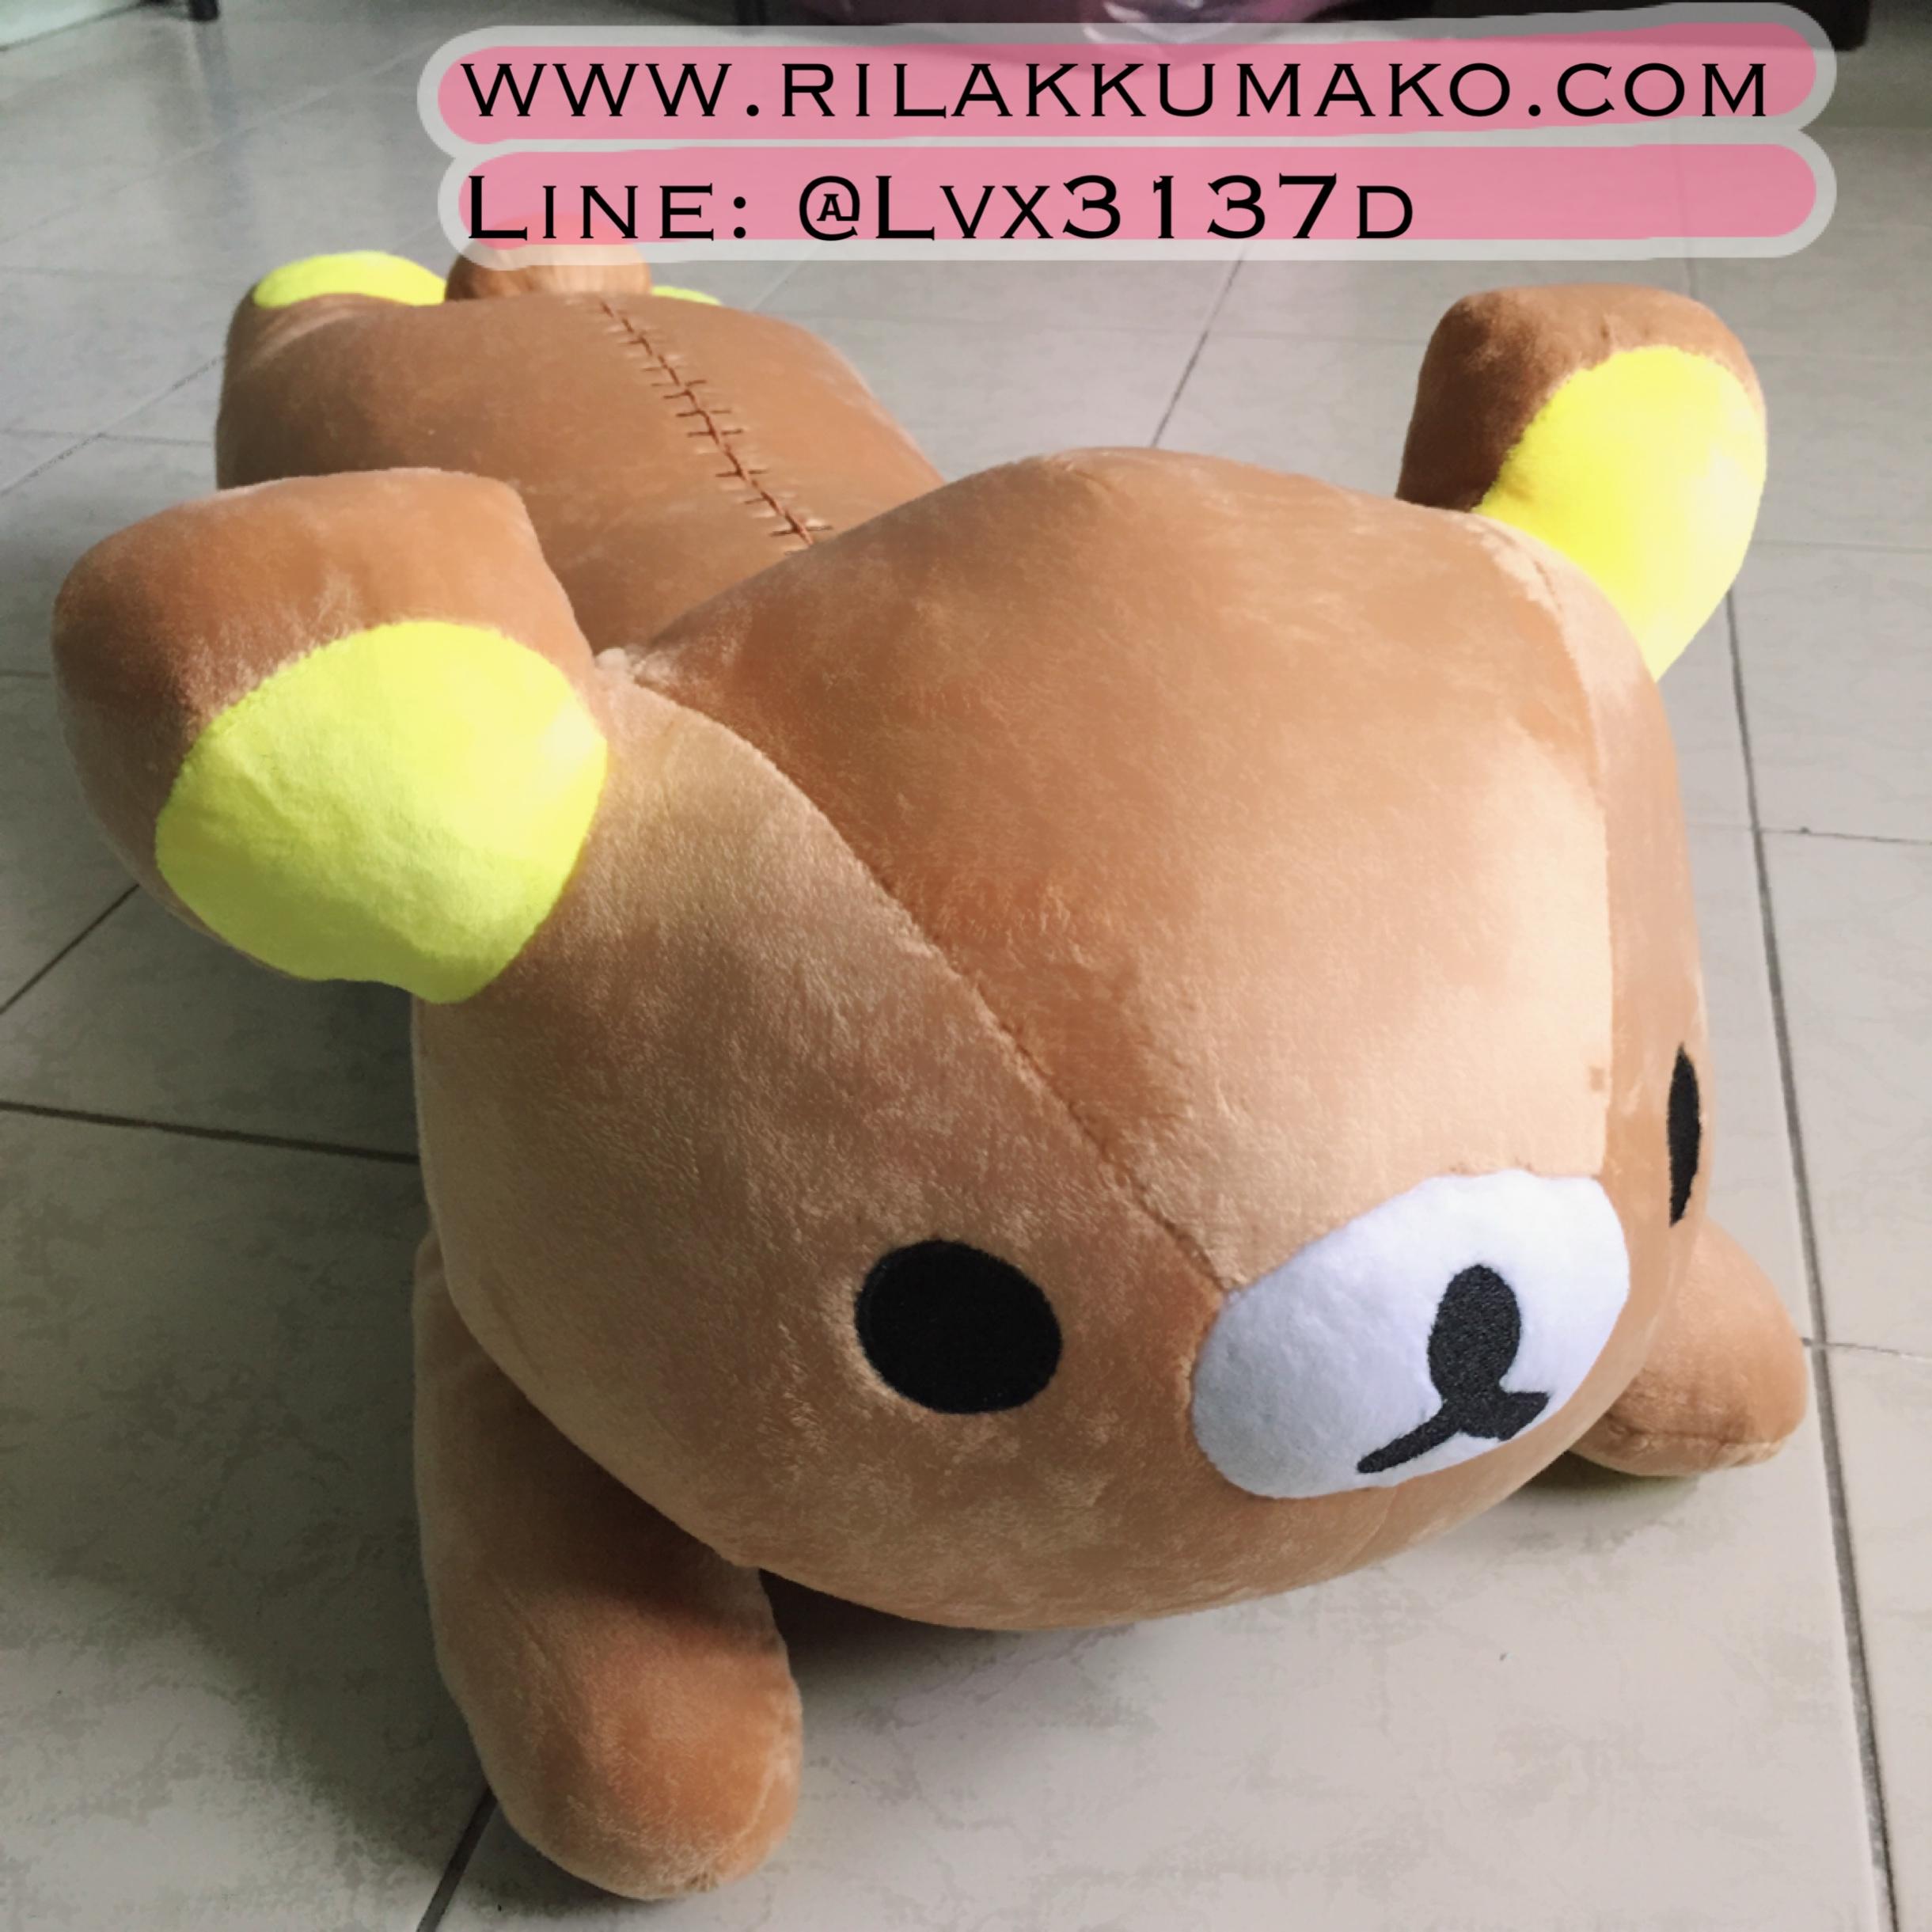 หมอนข้างหมีริลัคคุมะ ยาว 80ซม. ราคาถูก